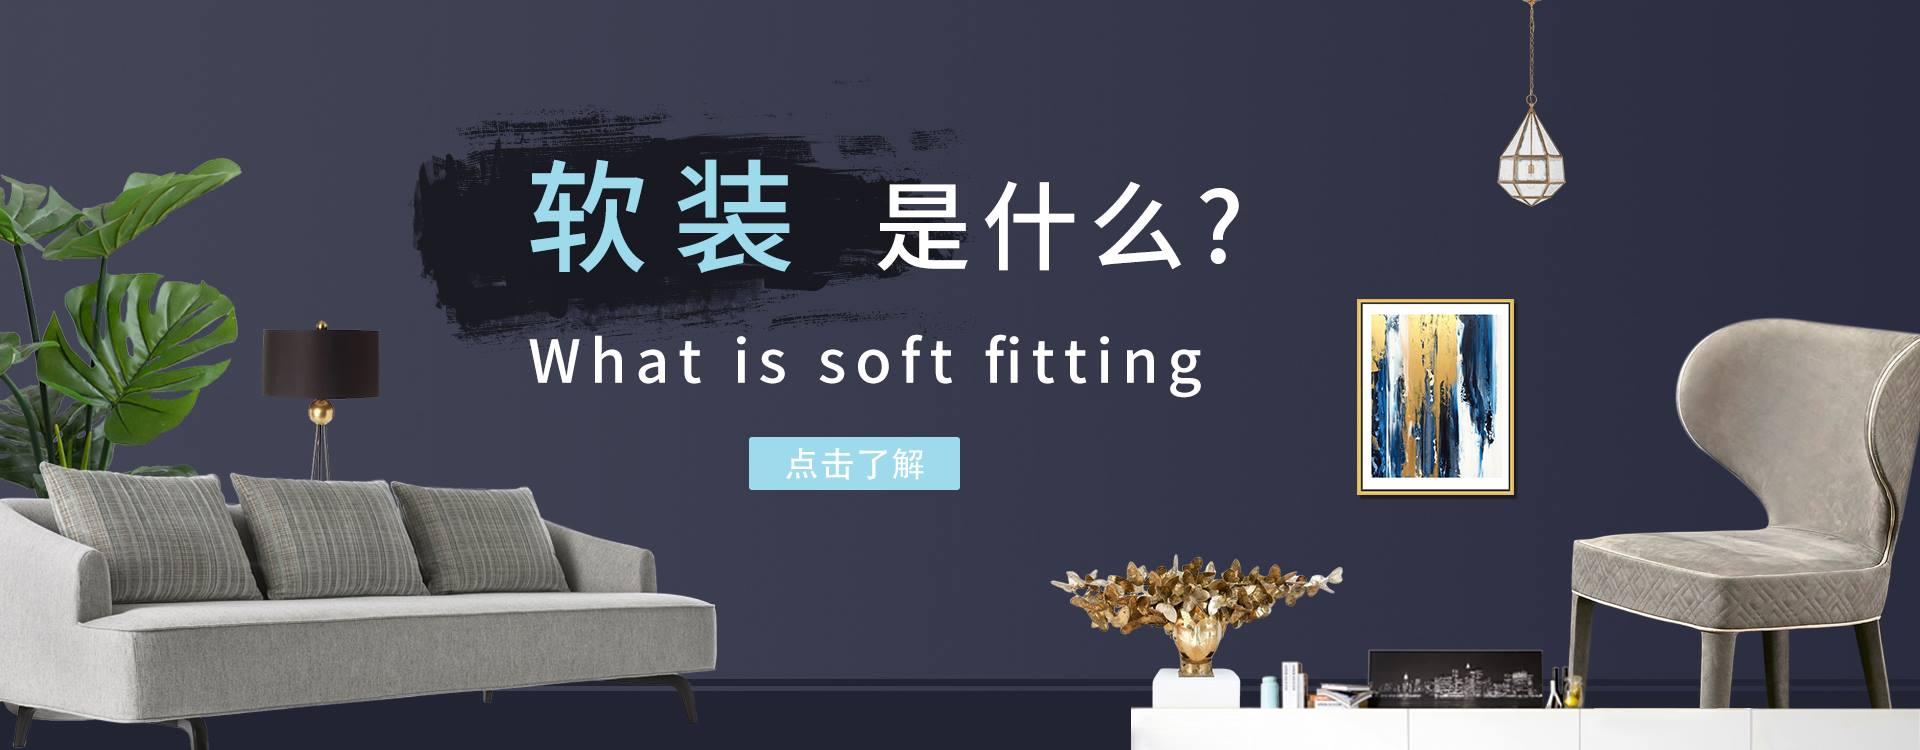 365体育官方中文版下载_365体育游戏_365清流体育直播是什么